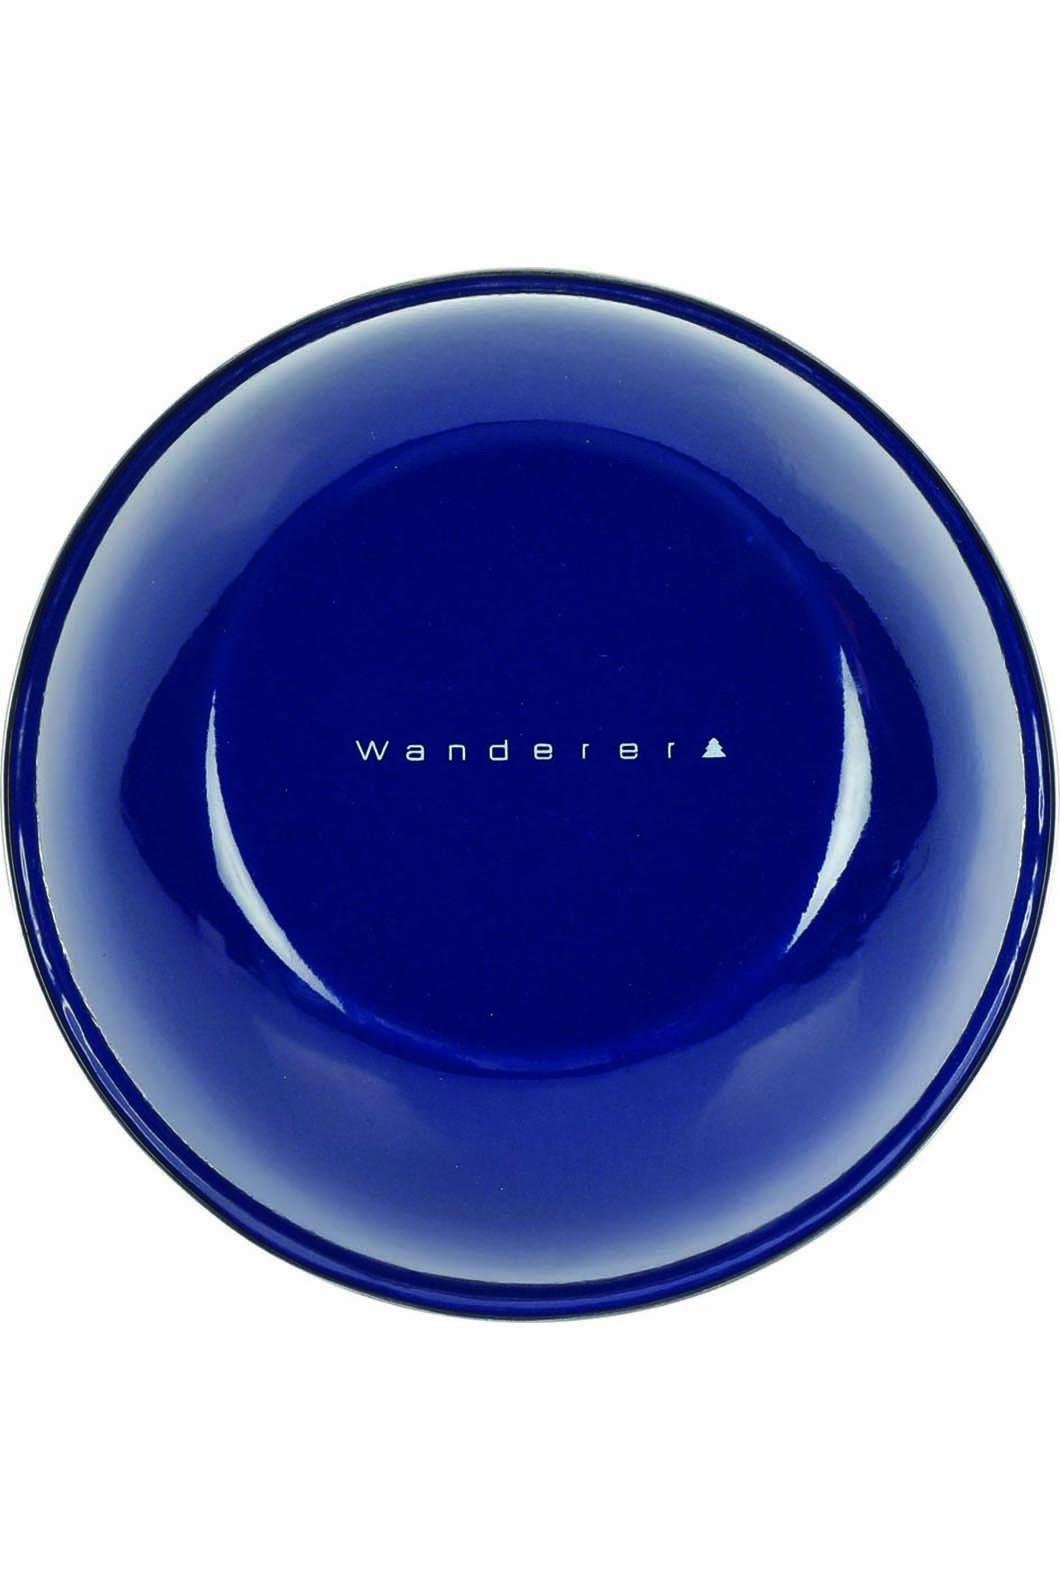 Wanderer Enamel Bowl 16cm, None, hi-res